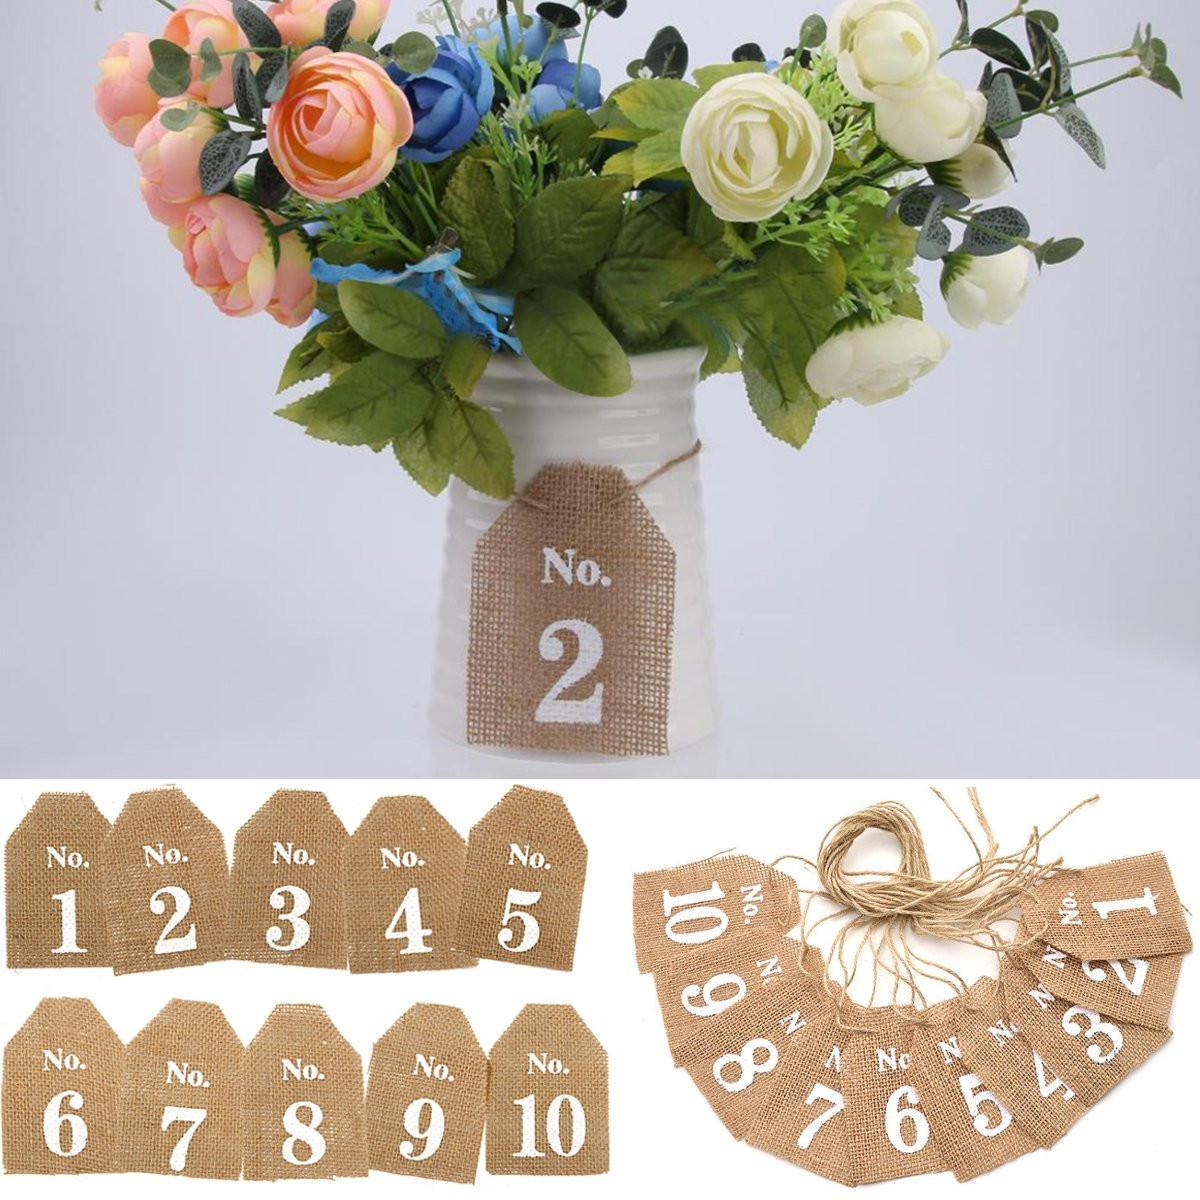 1-10 arpillera de yute arpillera bandera signos de mesa mesa de boda números decoración